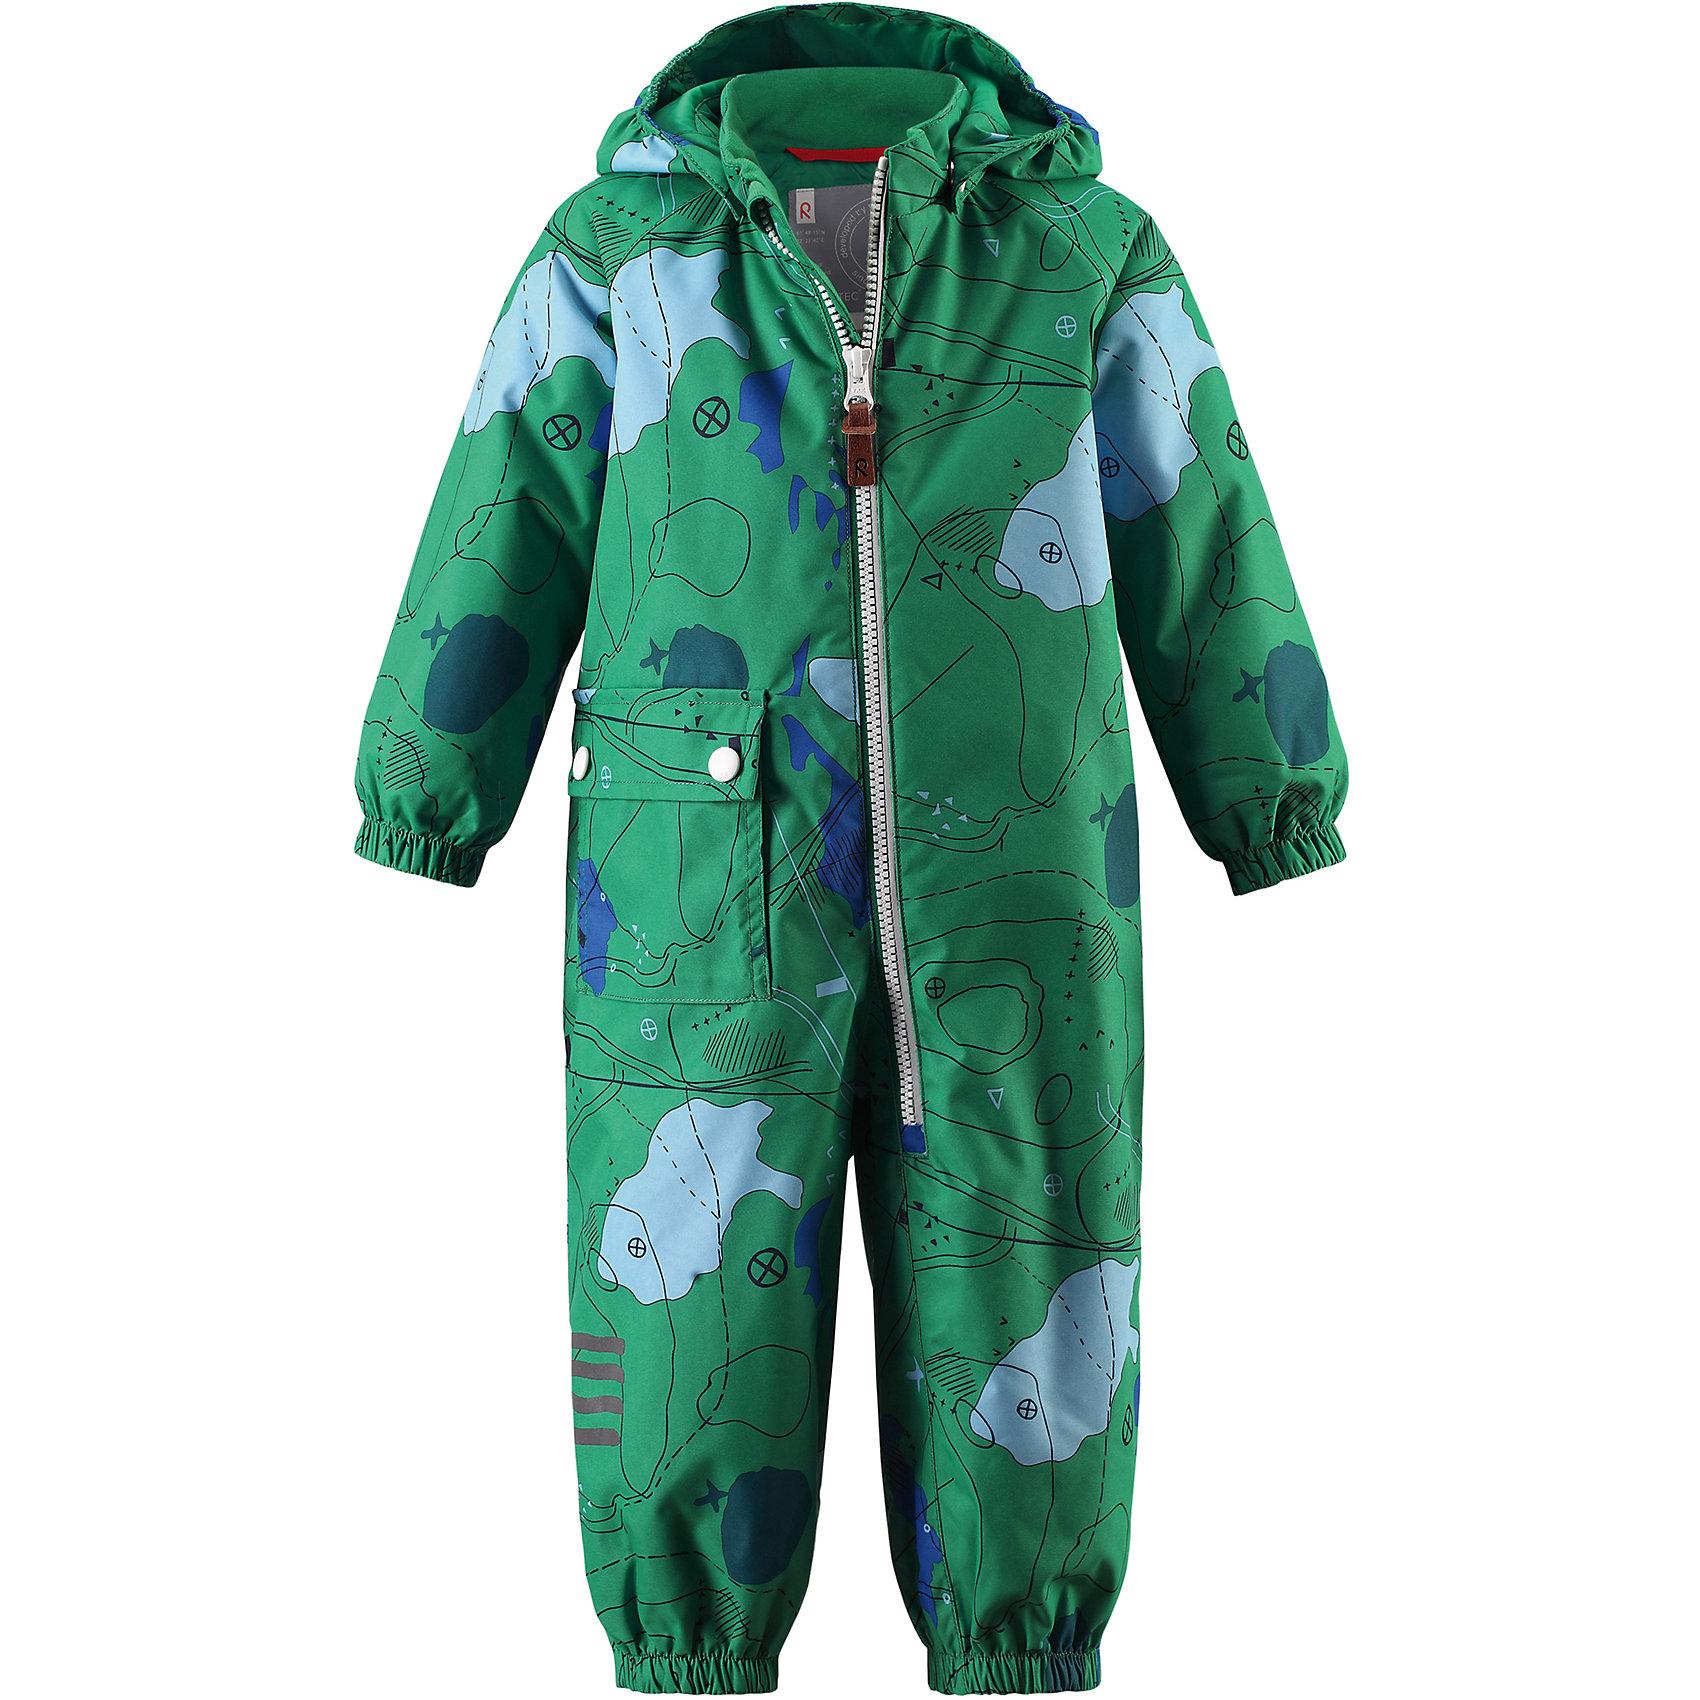 Комбинезон Leikki для мальчика Reimatec® ReimaВерхняя одежда<br>Характеристики товара:<br><br>• цвет: зеленый<br>• состав: 100% полиэстер, полиуретановое покрытие<br>• температурный режим: от 0° до +10°С<br>• легкий утеплитель: 80 гр/м2<br>• водонепроницаемость: 8000 мм<br>• воздухопроницаемость: 5000 мм<br>• износостойкость: 30000 циклов (тест Мартиндейла)<br>• основные швы проклеены, водонепроницаемы<br>• водо- и ветронепроницаемый, дышащий, грязеотталкивающий материал<br>• гладкая подкладка из полиэстера по всему изделию, mesh сетка на капюшоне<br>• безопасный съёмный капюшон<br>• эластичные манжеты<br>• талия регулируется изнутри<br>• эластичные манжеты на брючинах<br>• эластичные съёмные штрипки<br>• накладной карман<br>• светоотражающие детали<br>• комфортная посадка<br>• страна производства: Китай<br>• страна бренда: Финляндия<br>• коллекция: весна-лето 2017<br><br>Верхняя одежда для детей может быть модной и комфортной одновременно! Демисезонный комбинезон поможет обеспечить ребенку комфорт и тепло. Он отлично смотрится с различной обувью. Изделие удобно сидит и модно выглядит. Материал - прочный, хорошо подходящий для межсезонья, водо- и ветронепроницаемый, «дышащий». Стильный дизайн разрабатывался специально для детей.<br><br>Одежда и обувь от финского бренда Reima пользуется популярностью во многих странах. Эти изделия стильные, качественные и удобные. Для производства продукции используются только безопасные, проверенные материалы и фурнитура. Порадуйте ребенка модными и красивыми вещами от Reima! <br><br>Комбинезон для мальчика Reimatec® от финского бренда Reima (Рейма) можно купить в нашем интернет-магазине.<br><br>Ширина мм: 356<br>Глубина мм: 10<br>Высота мм: 245<br>Вес г: 519<br>Цвет: зеленый<br>Возраст от месяцев: 18<br>Возраст до месяцев: 24<br>Пол: Мужской<br>Возраст: Детский<br>Размер: 92,86,98,80,74<br>SKU: 5265754